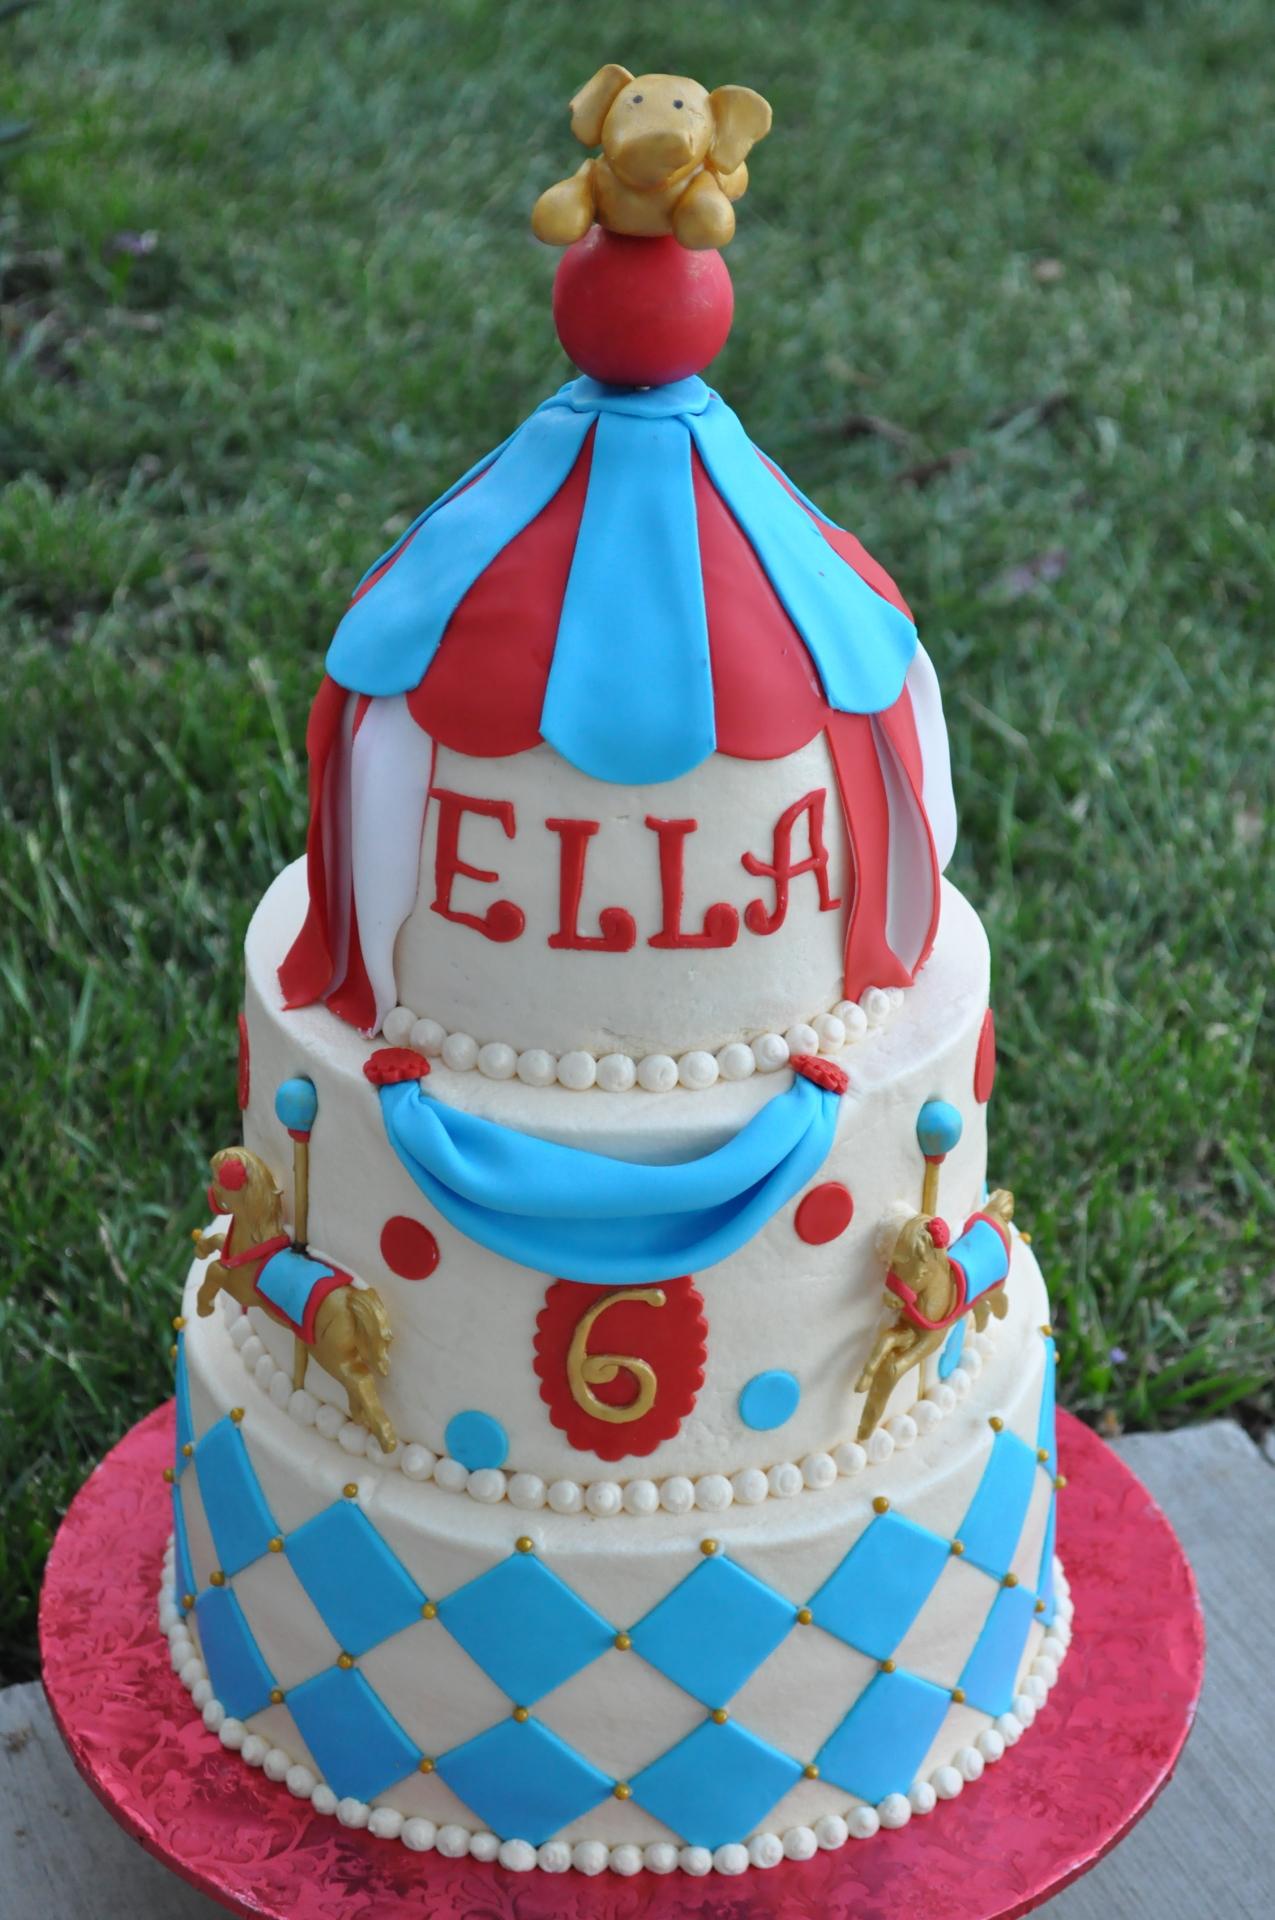 Carousal theme cake